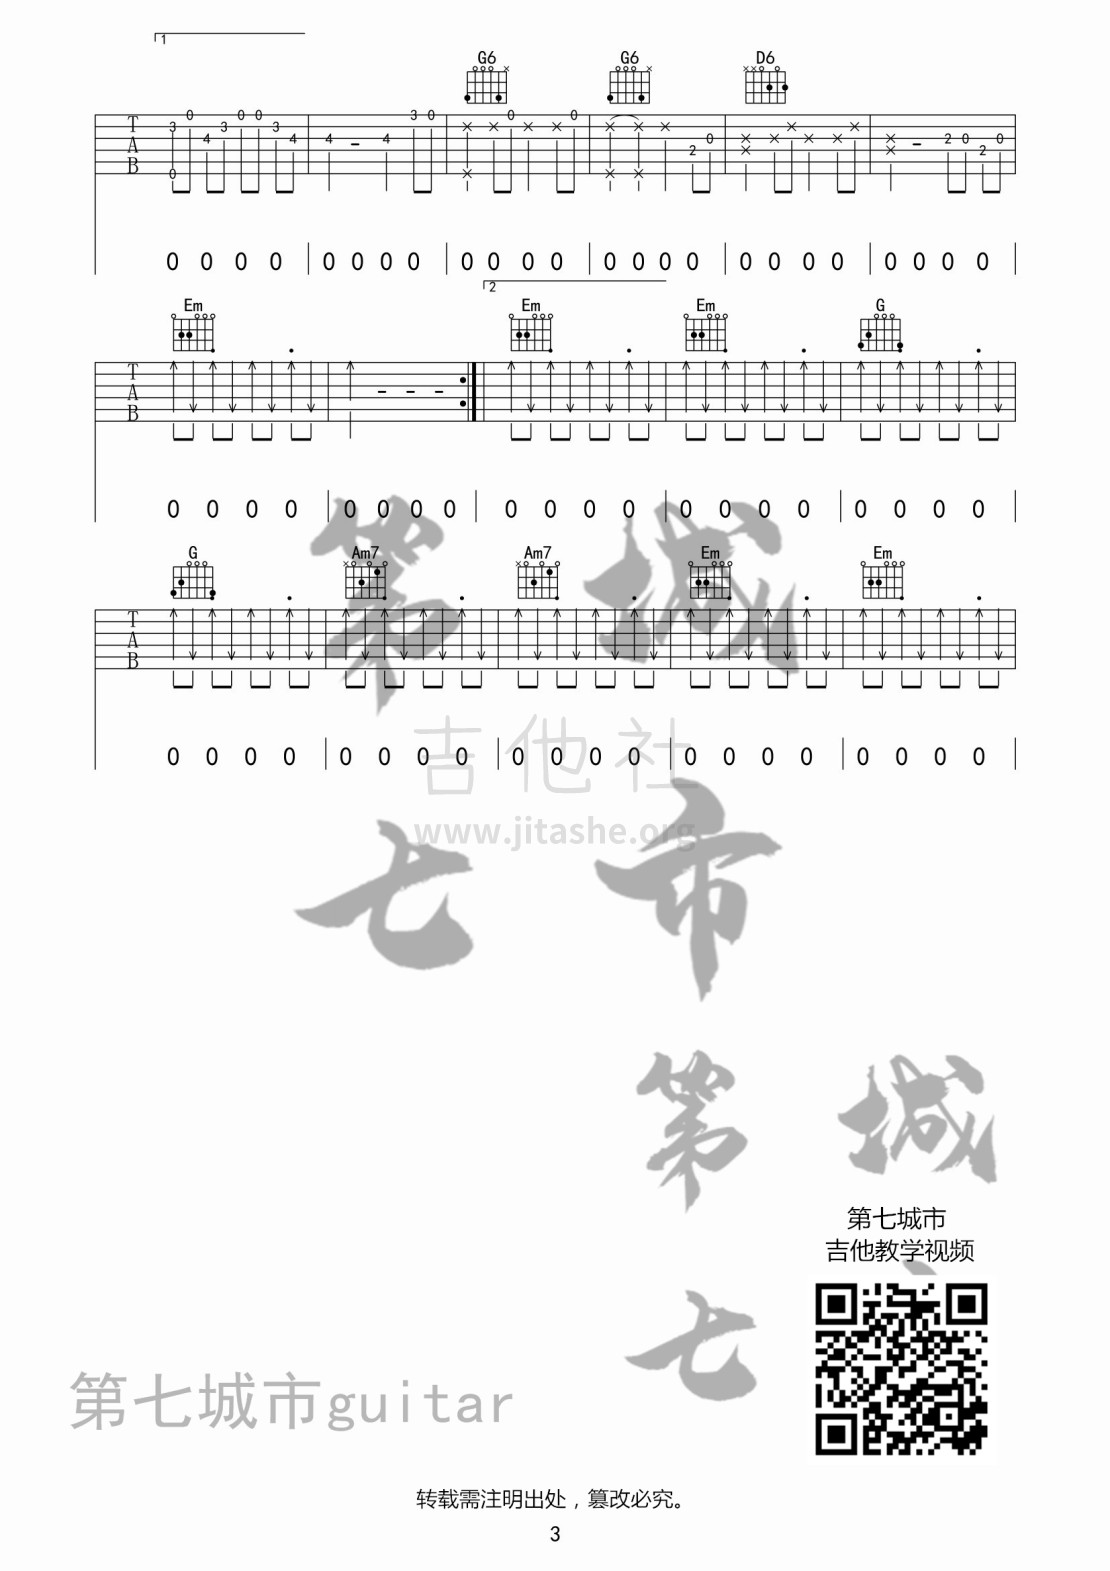 大风吹吉他谱(图片谱,大风吹,吉他谱,王赫野)_王赫野_大风吹水印03.jpg